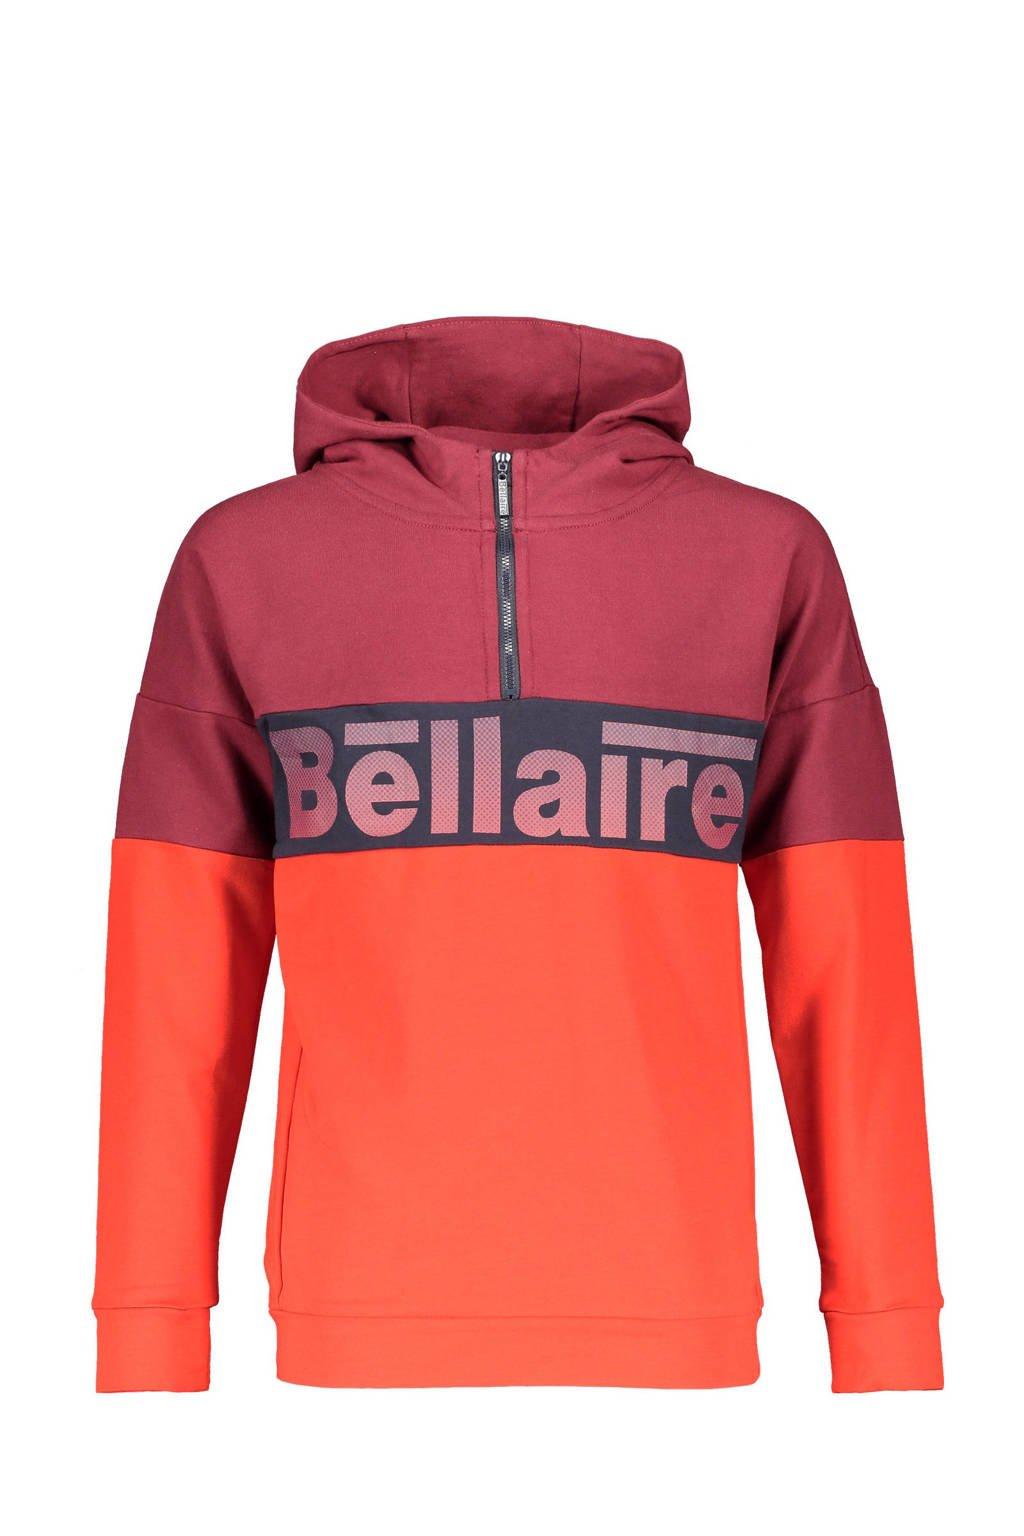 Bellaire hoodie Kakoi met logo donkerrood/oranje/donkerblauw, Donkerrood/oranje/donkerblauw